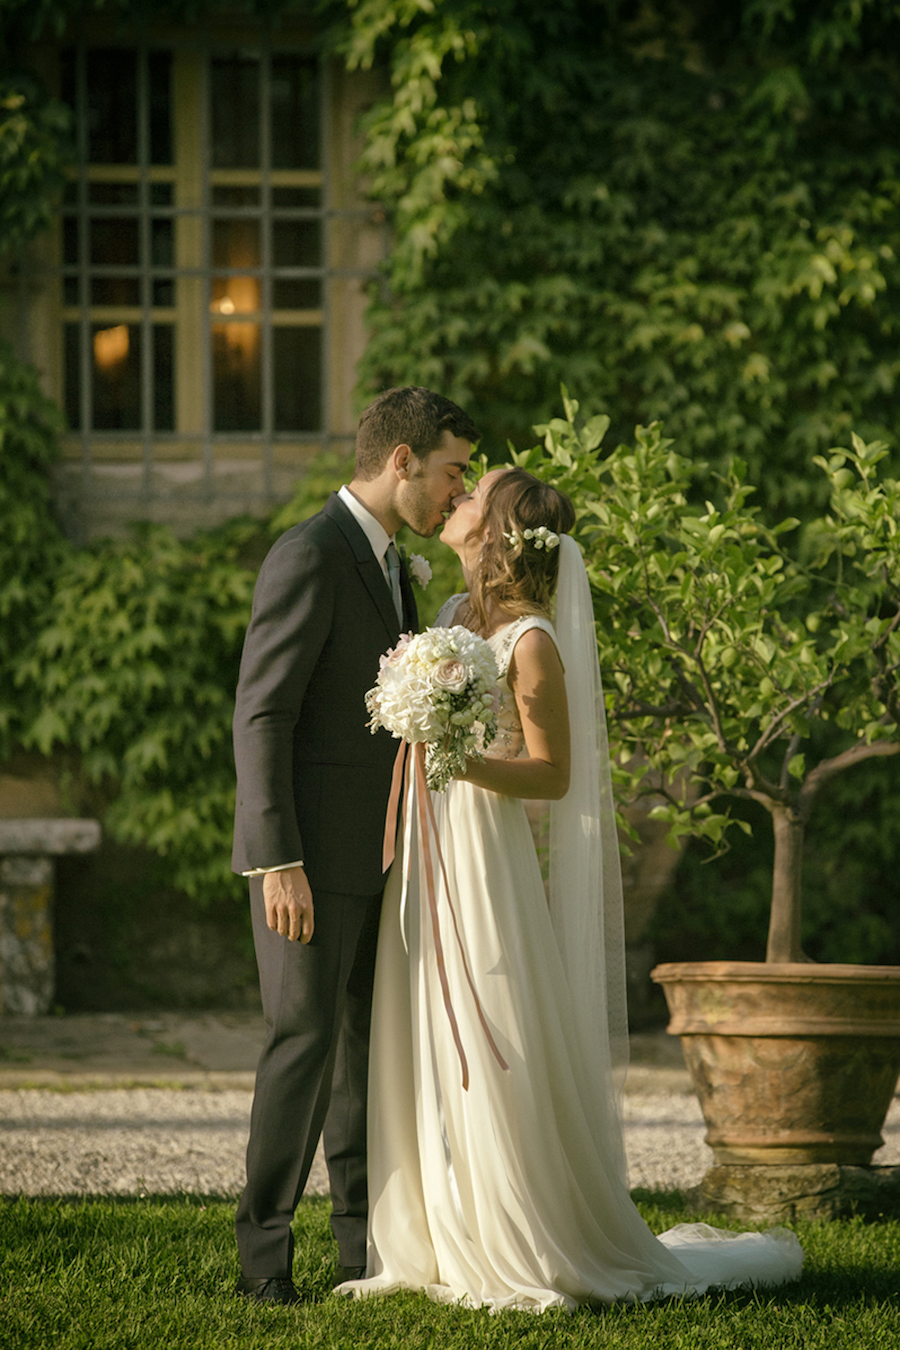 matrimonio romantico dai colori pastello